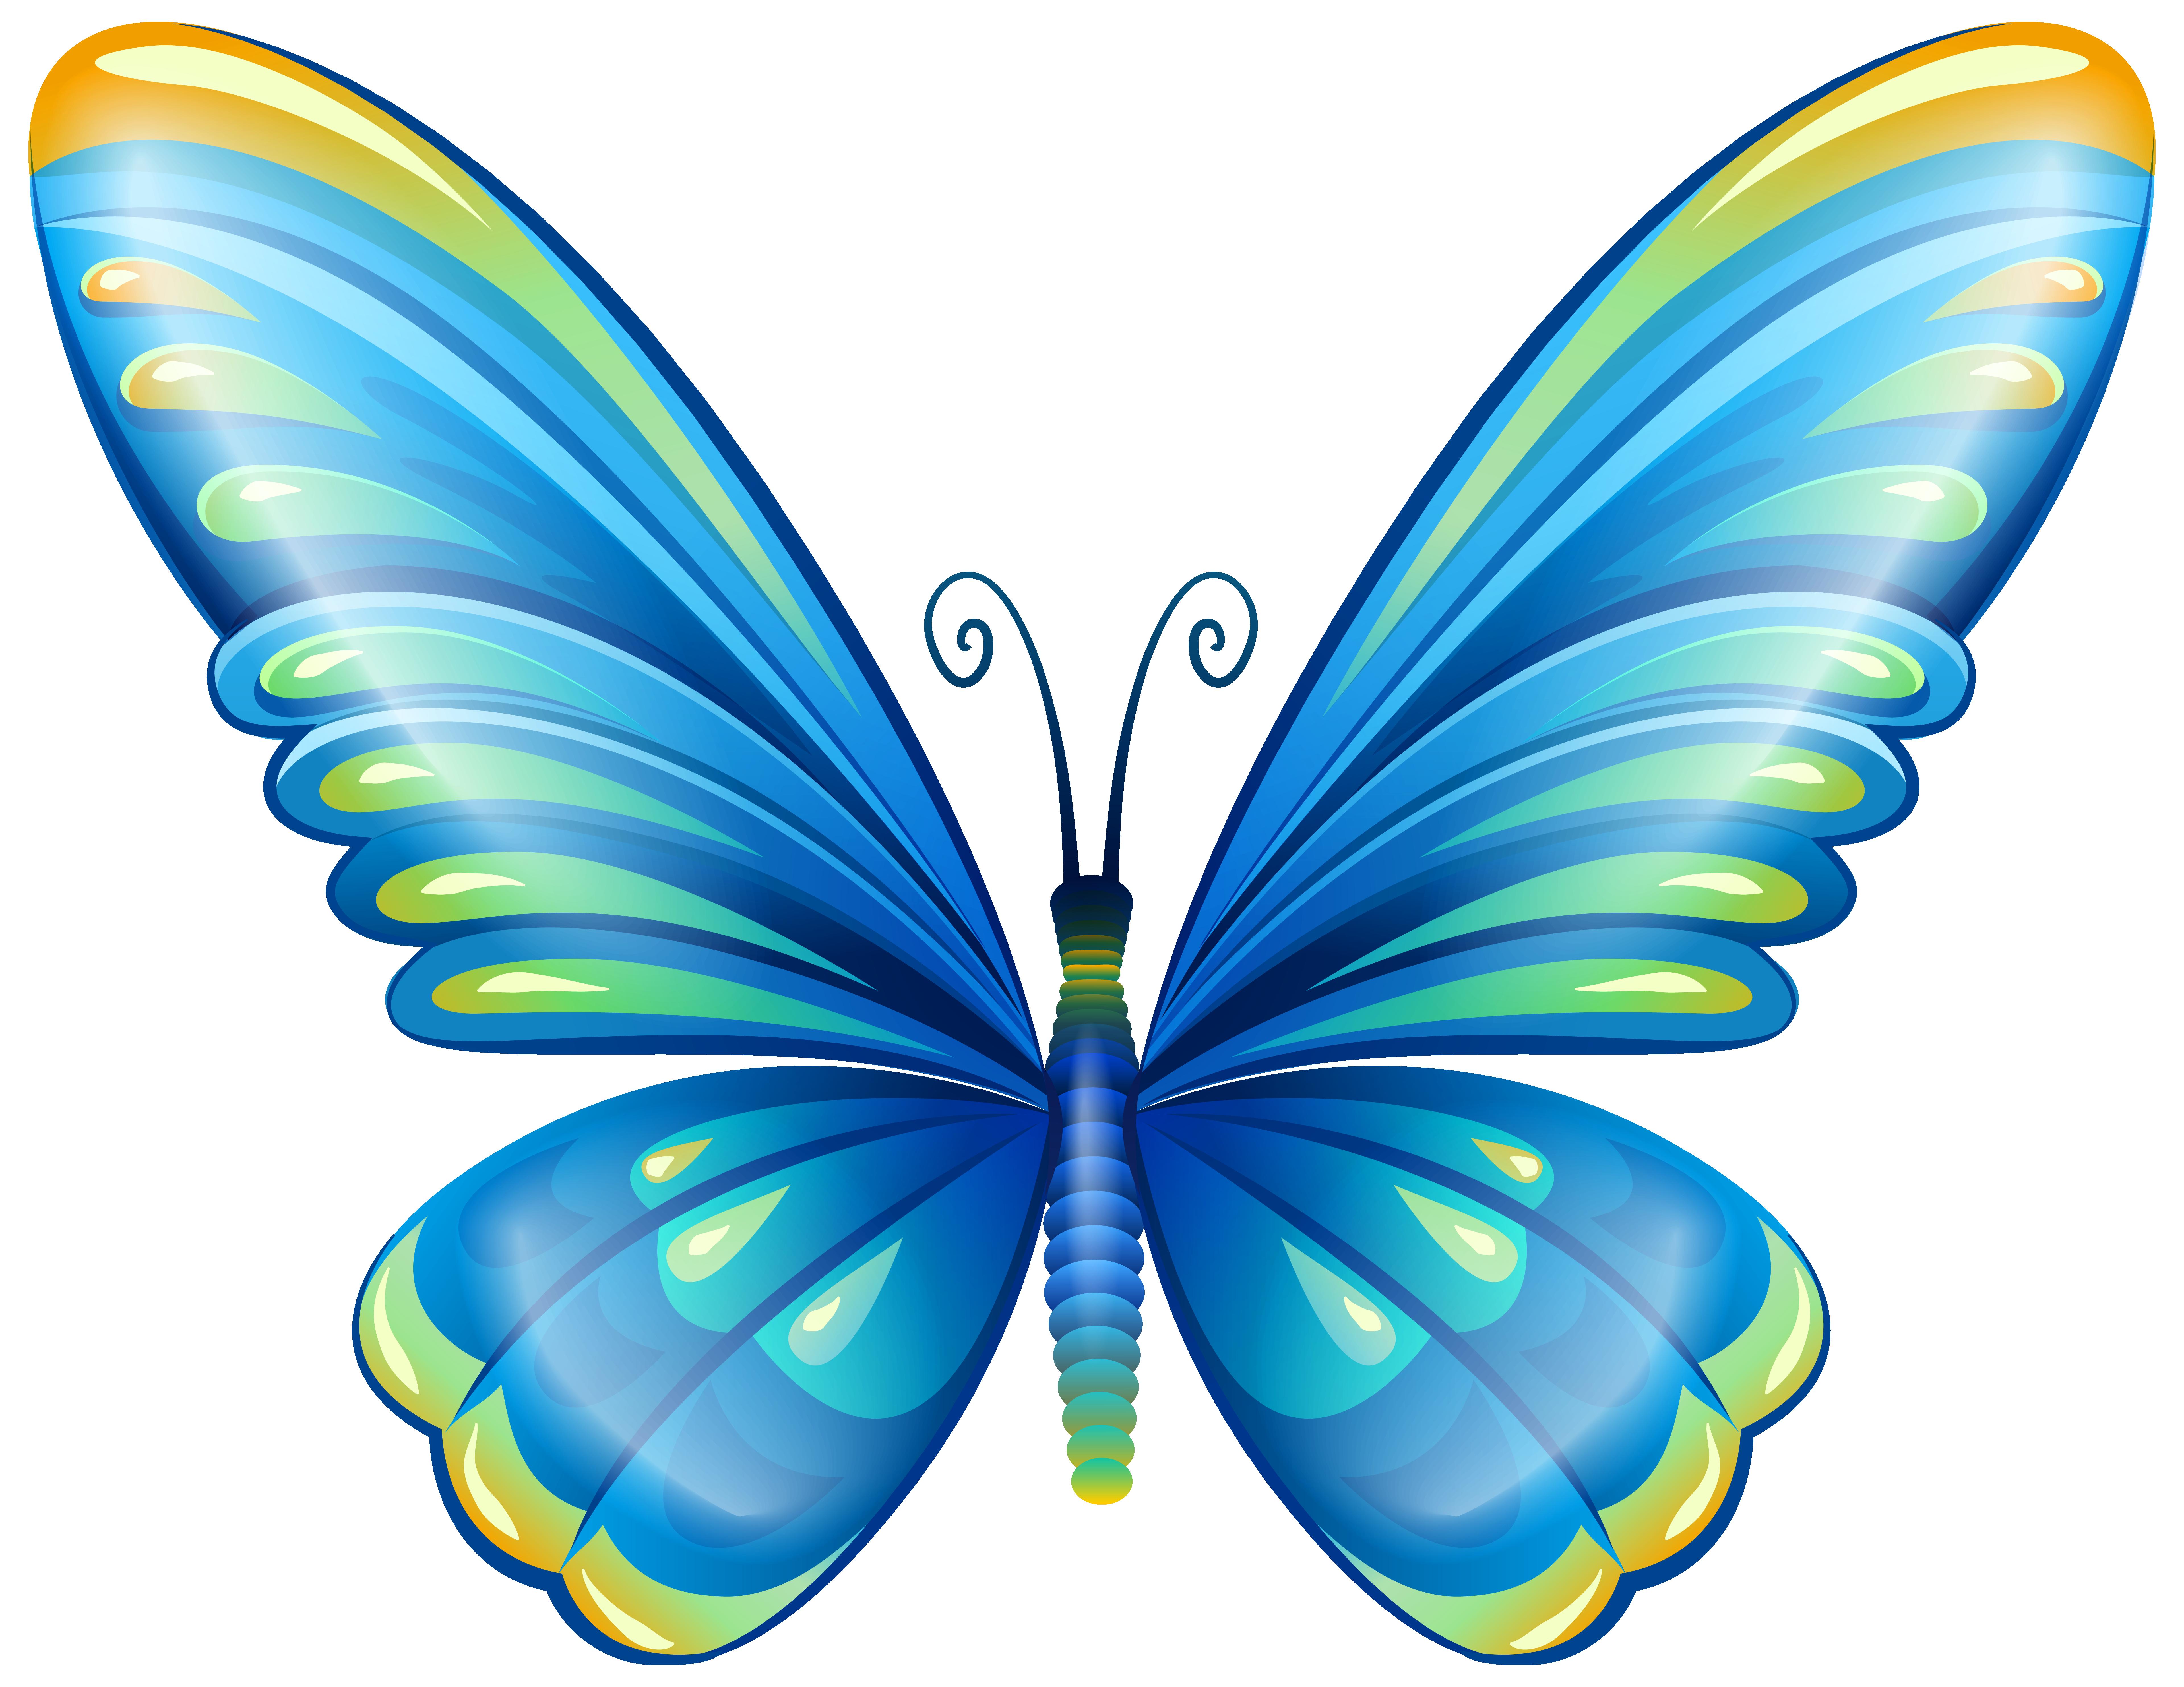 7679x5932 Large Art Blue Butterfly Png Clip Art Imageu200b Gallery